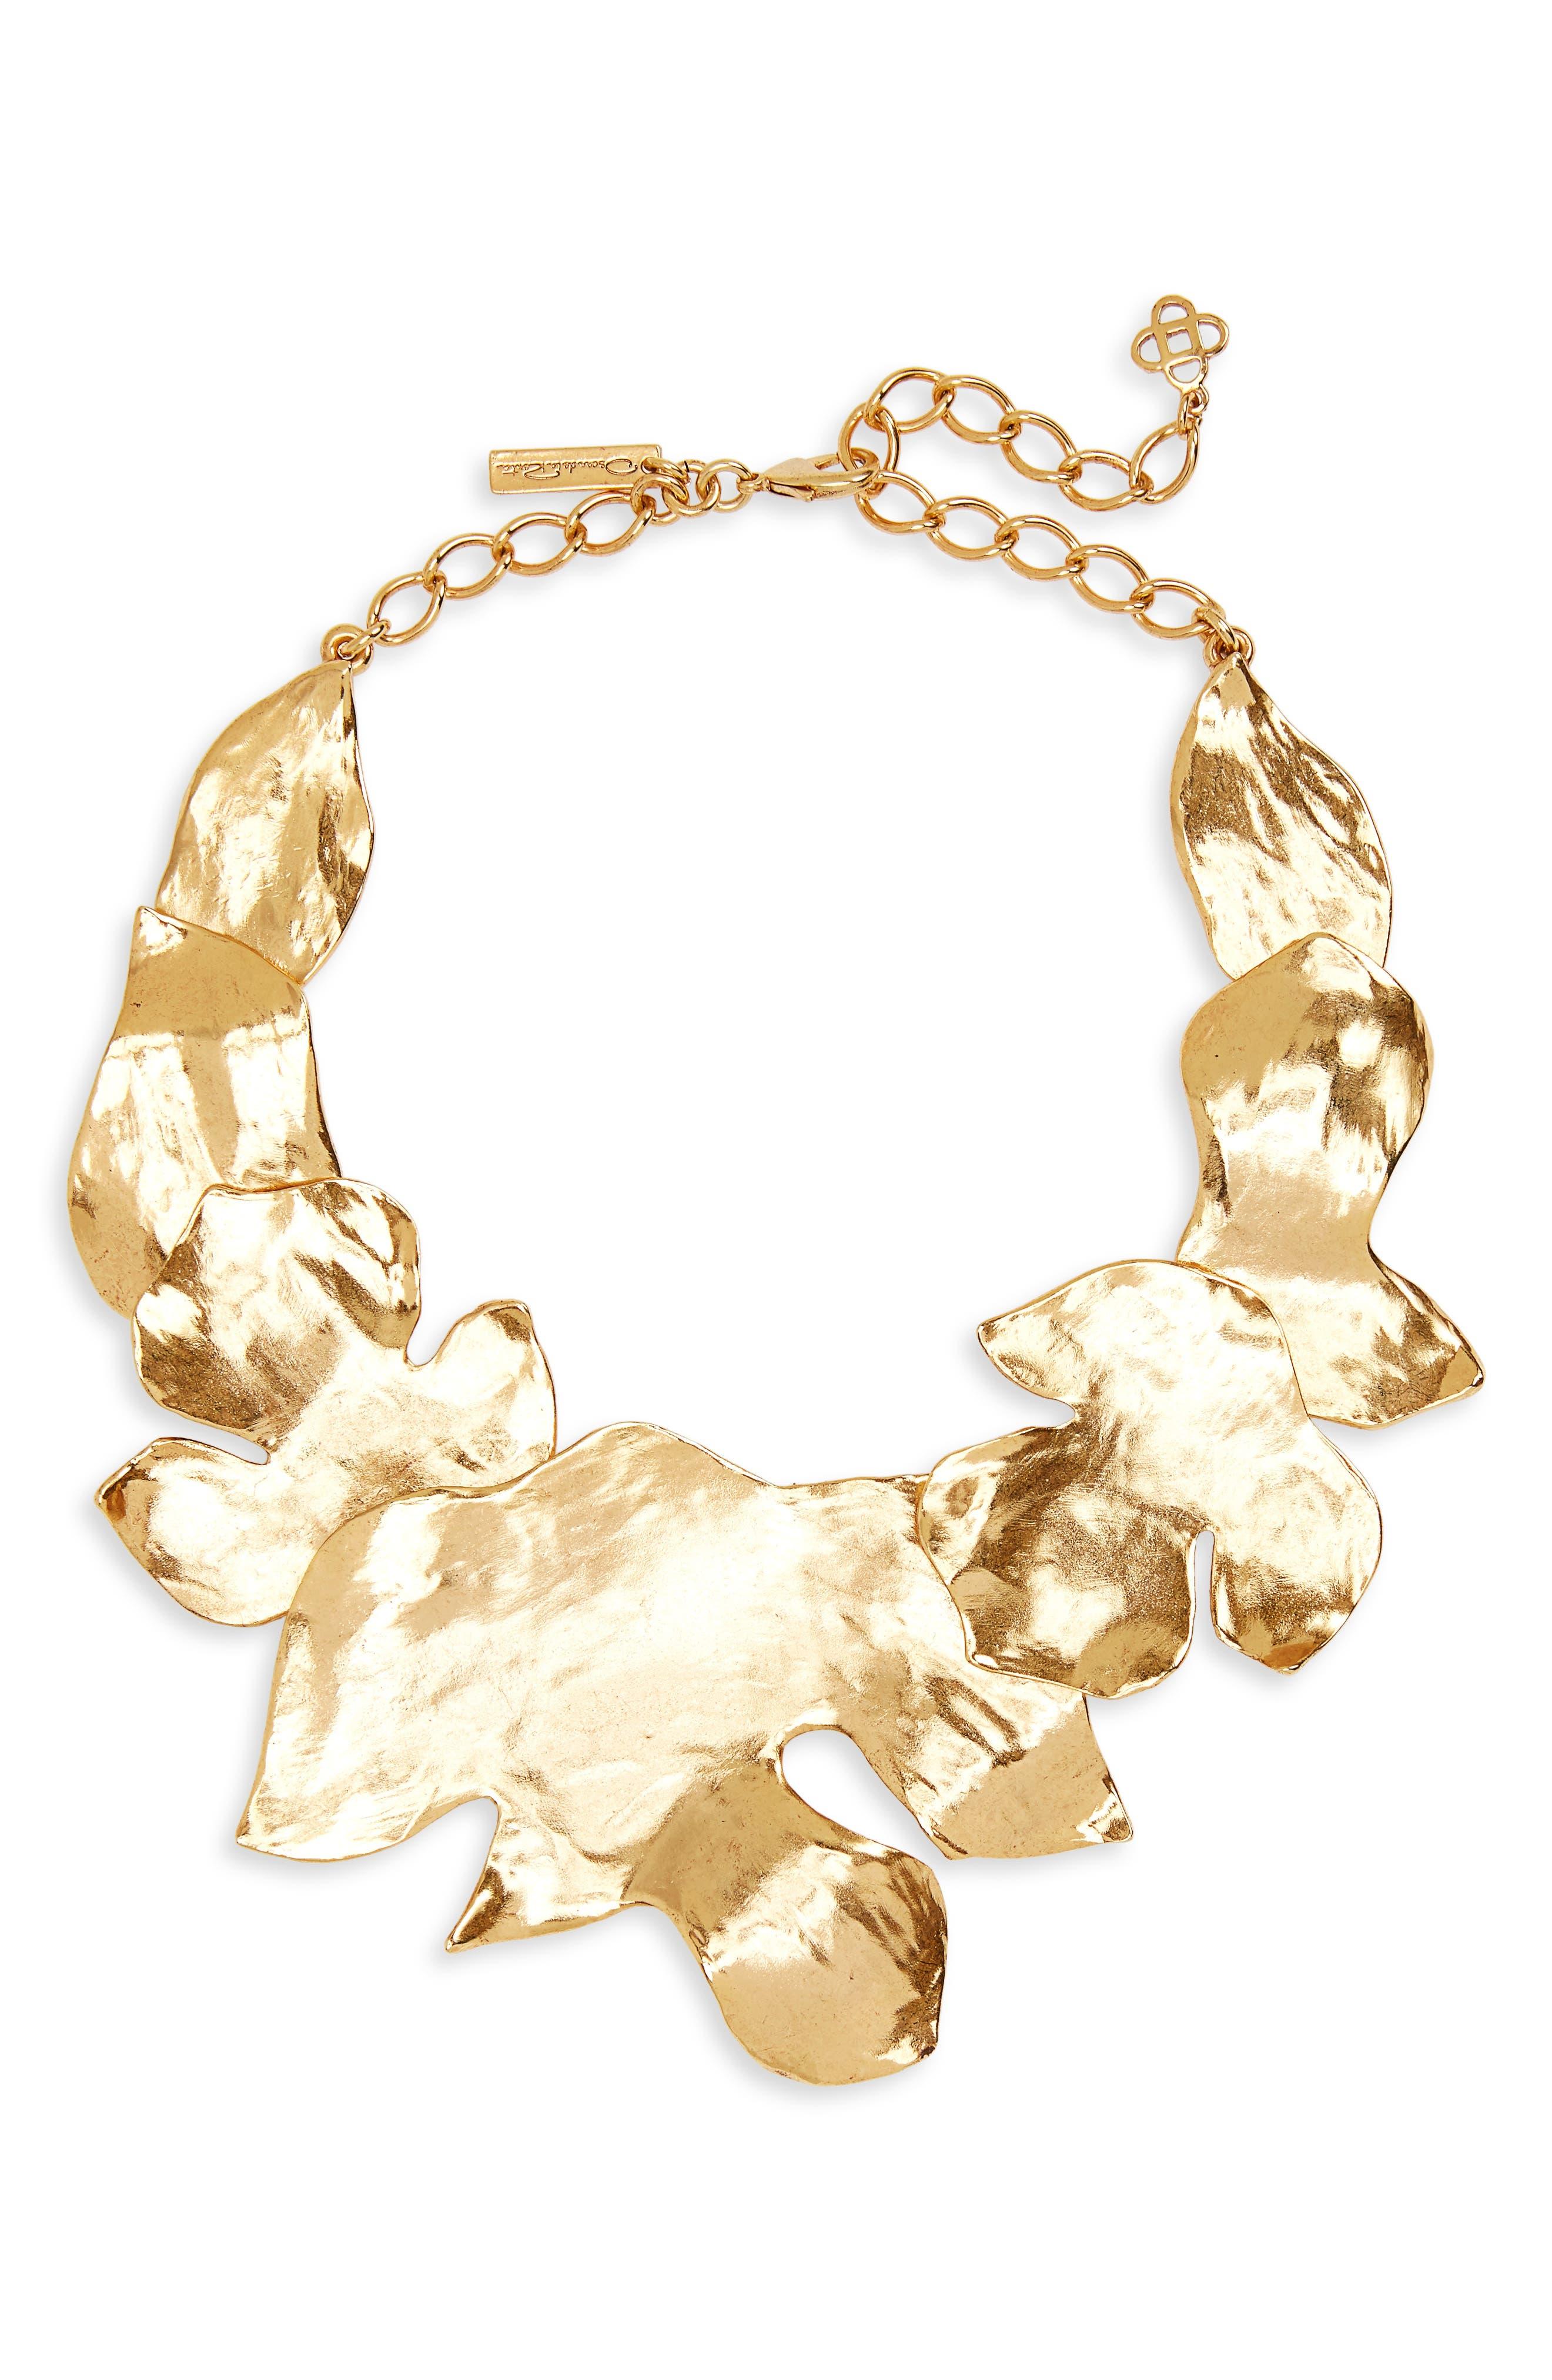 Oscar de la Renta Foliage Collar Necklace